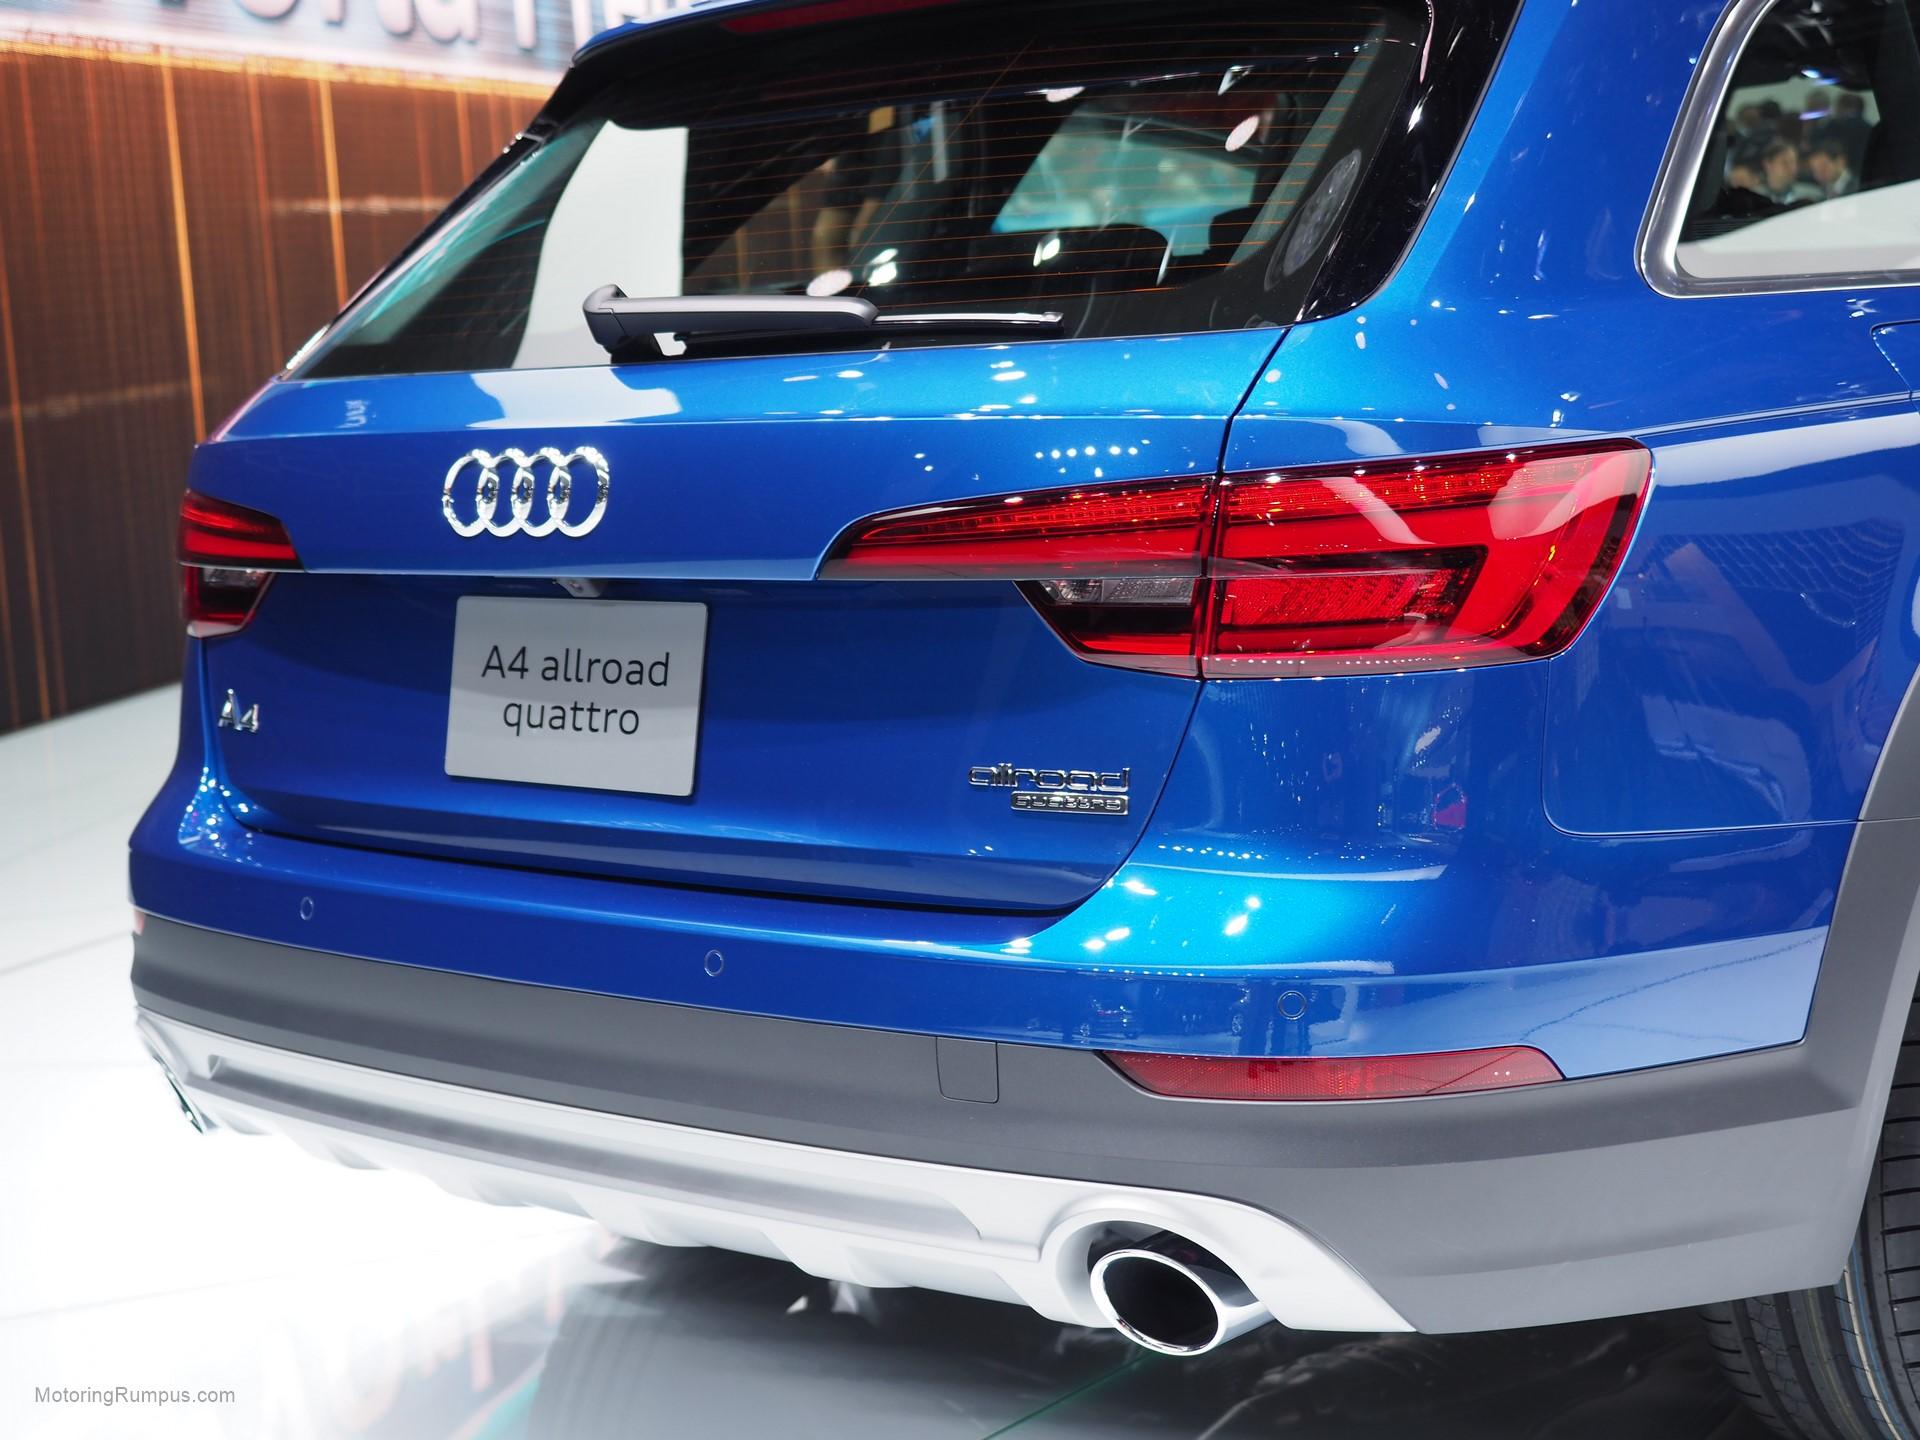 2016 Naias Audi A4 Allroad Rear Motoring Rumpus